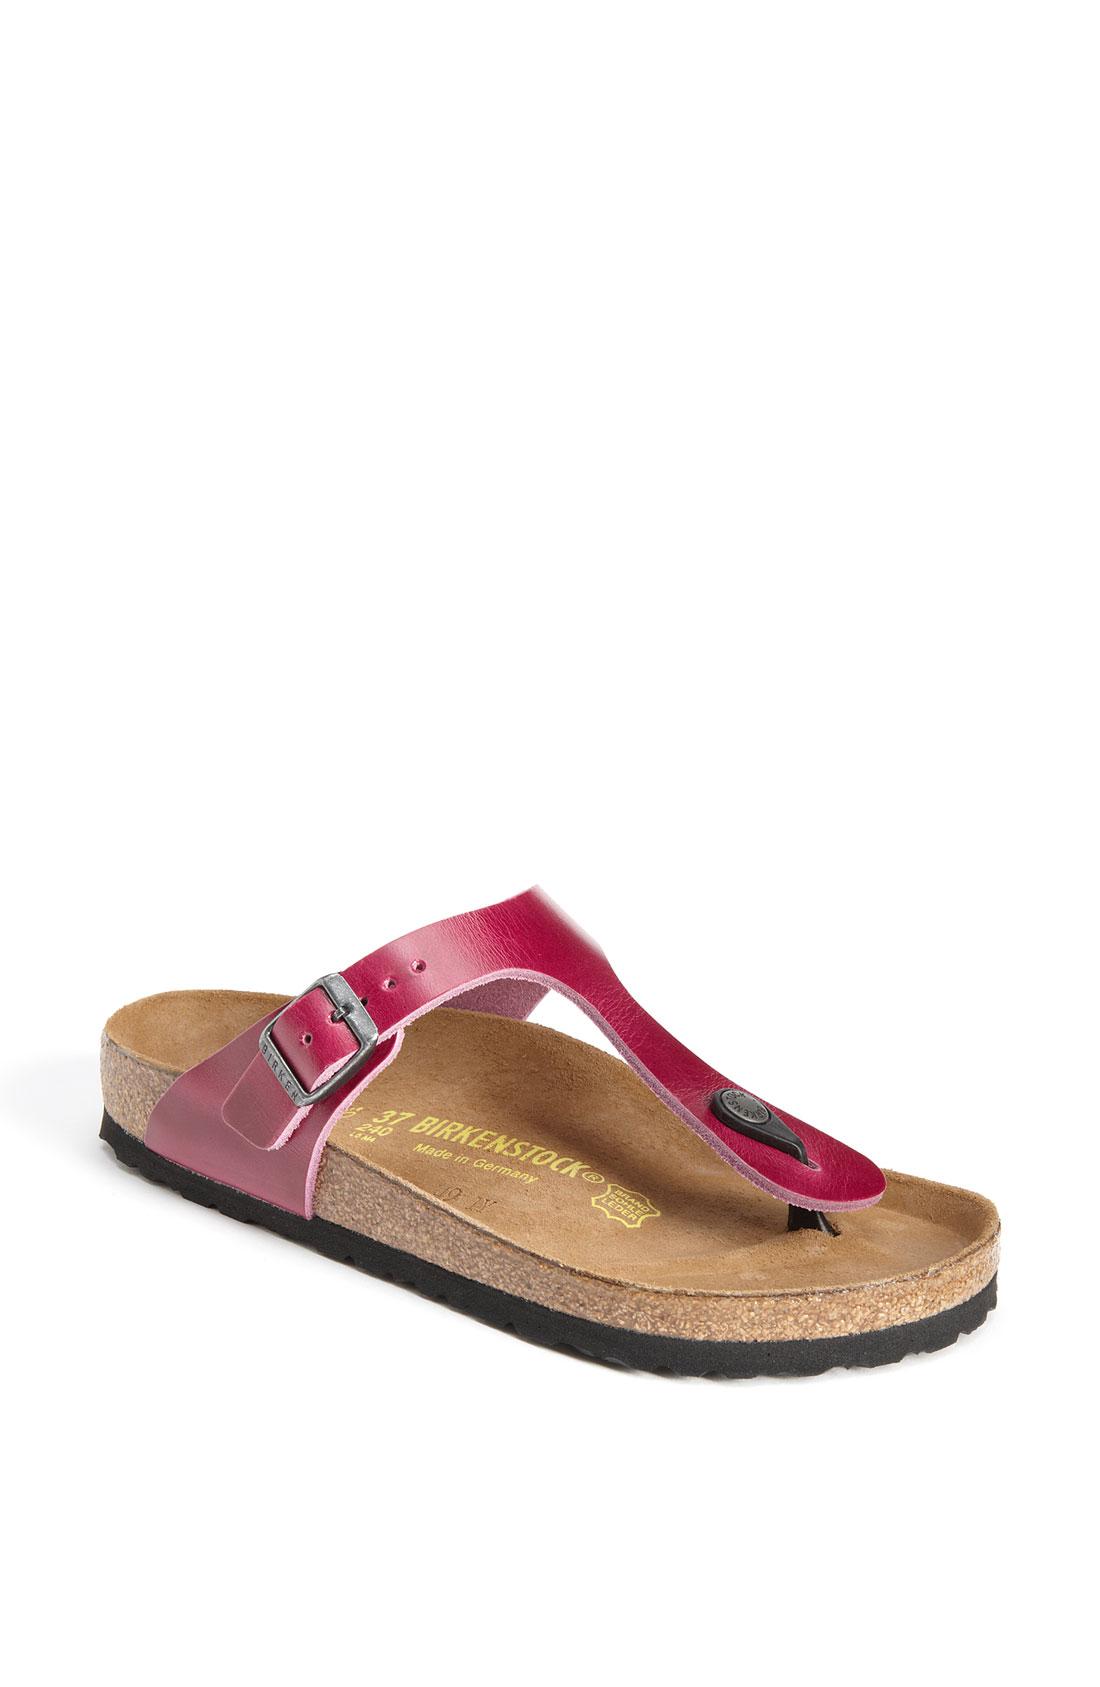 birkenstock gizeh sandal in pink orchid lyst. Black Bedroom Furniture Sets. Home Design Ideas